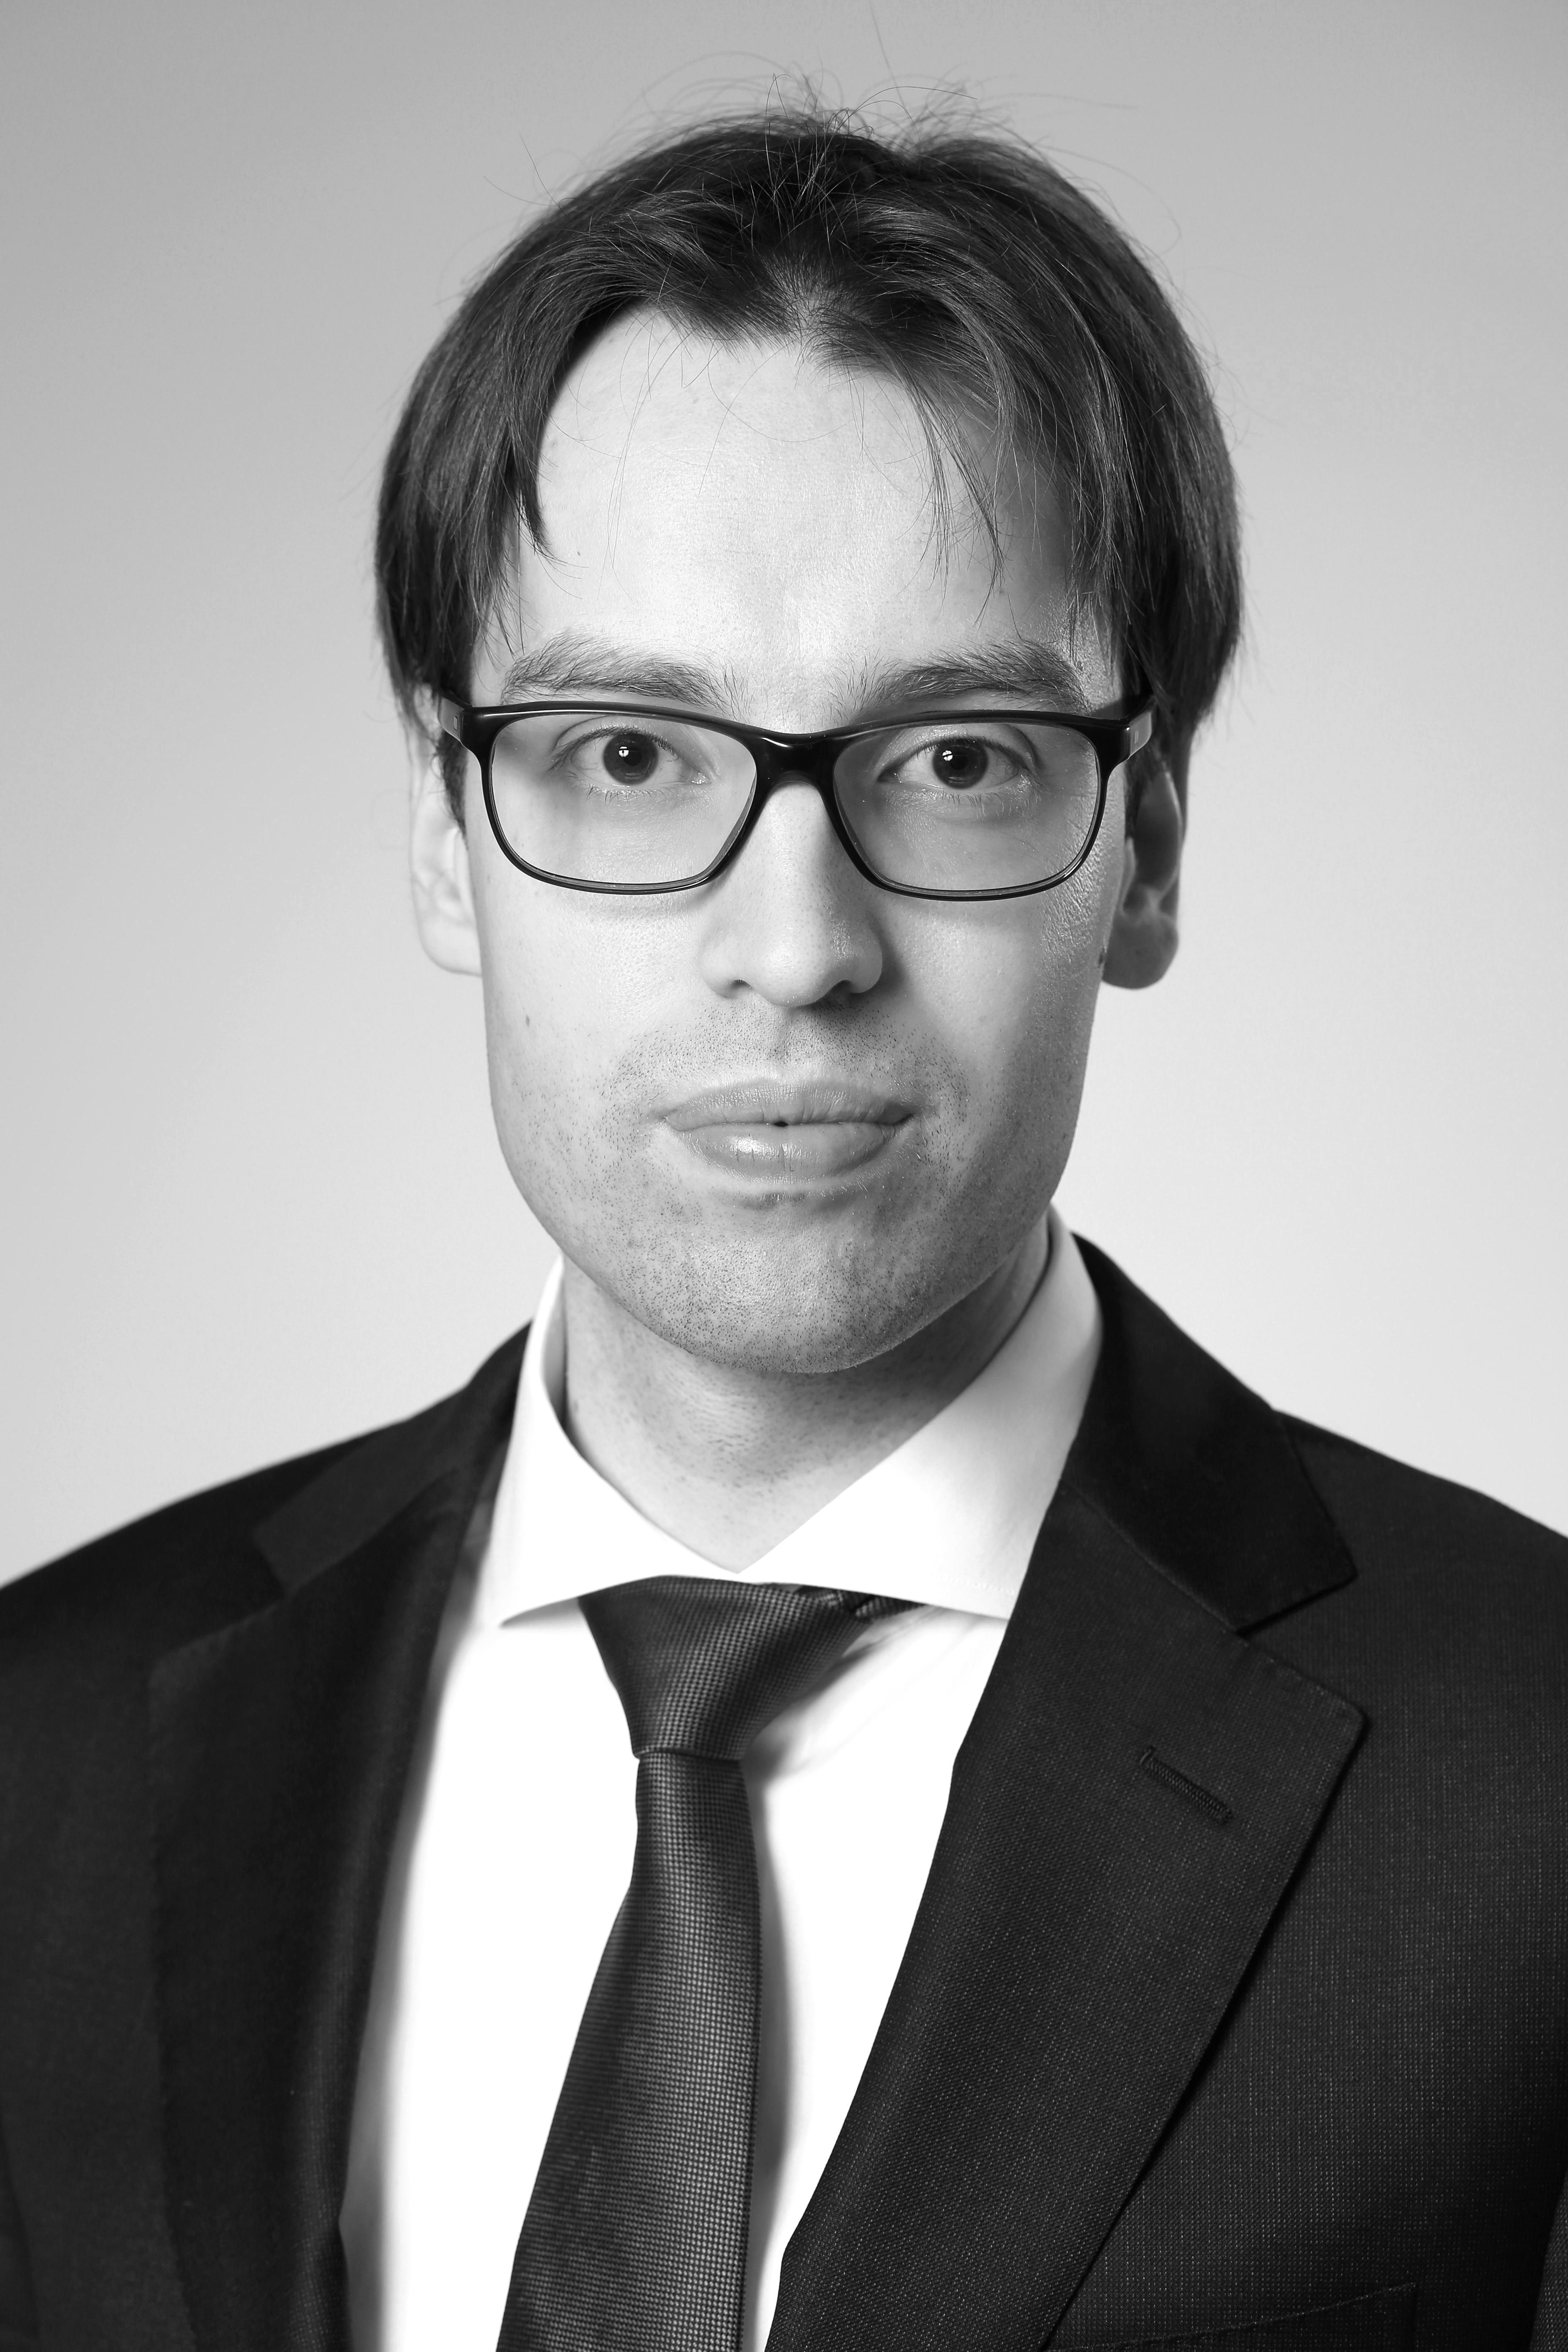 Matthias Langer